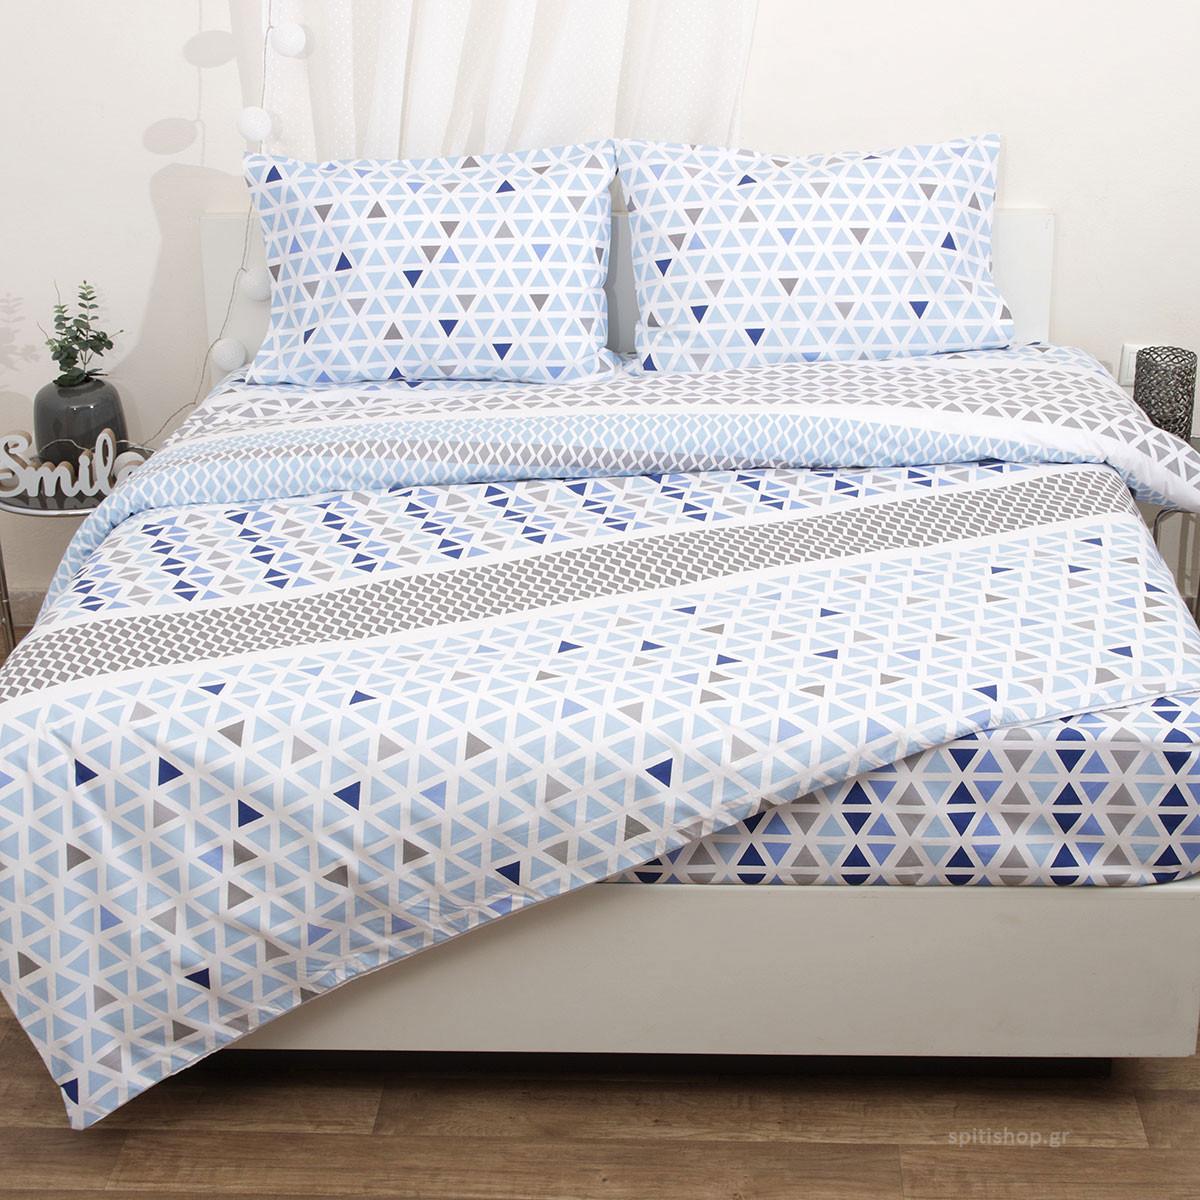 Πάπλωμα Ημίδιπλο (Σετ) Viopros Fresh Κέλβιν home   κρεβατοκάμαρα   παπλώματα   παπλώματα ημίδιπλα   διπλά